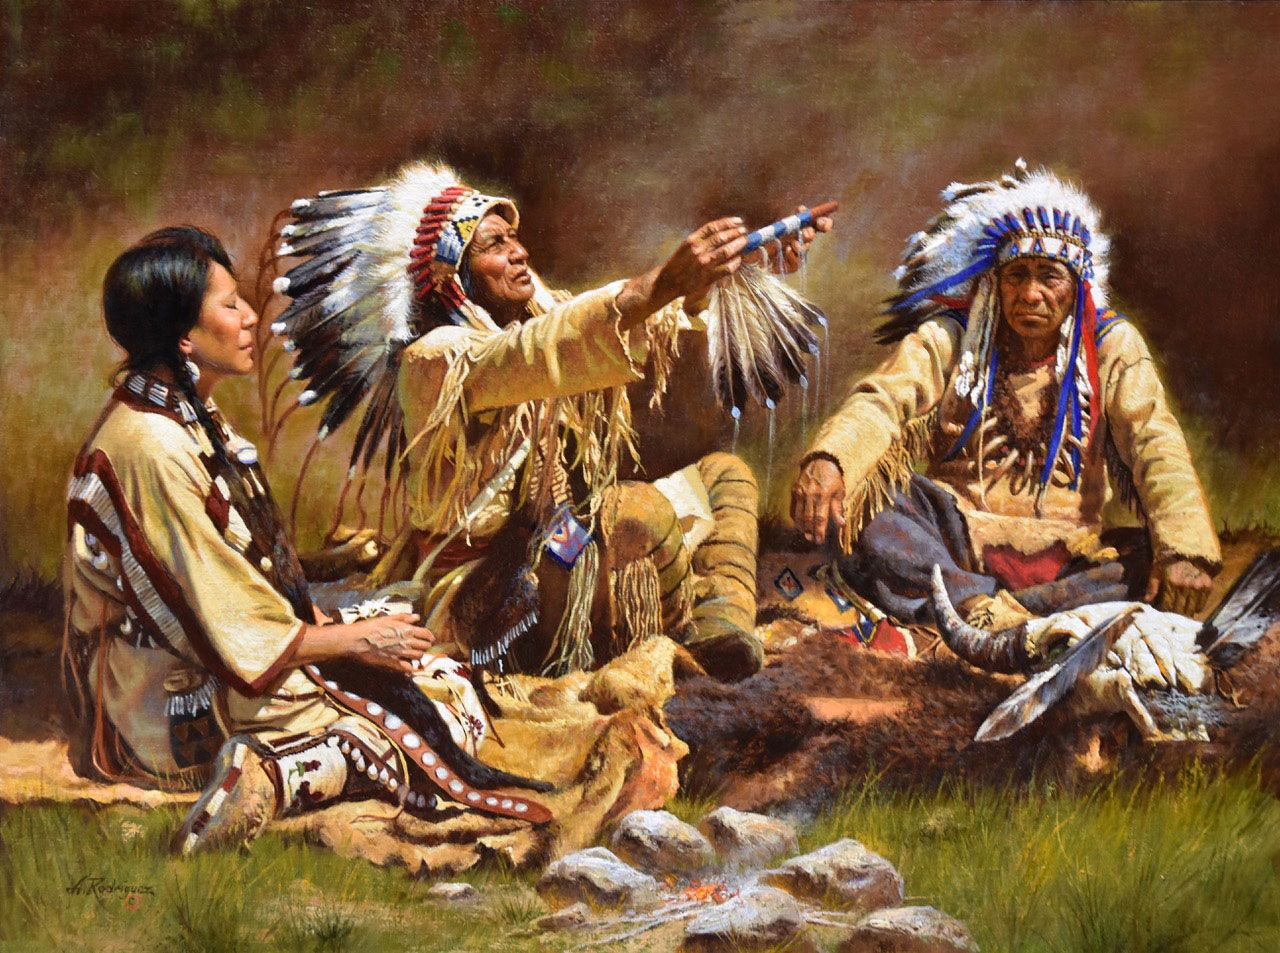 смотреть картинки с индейцами